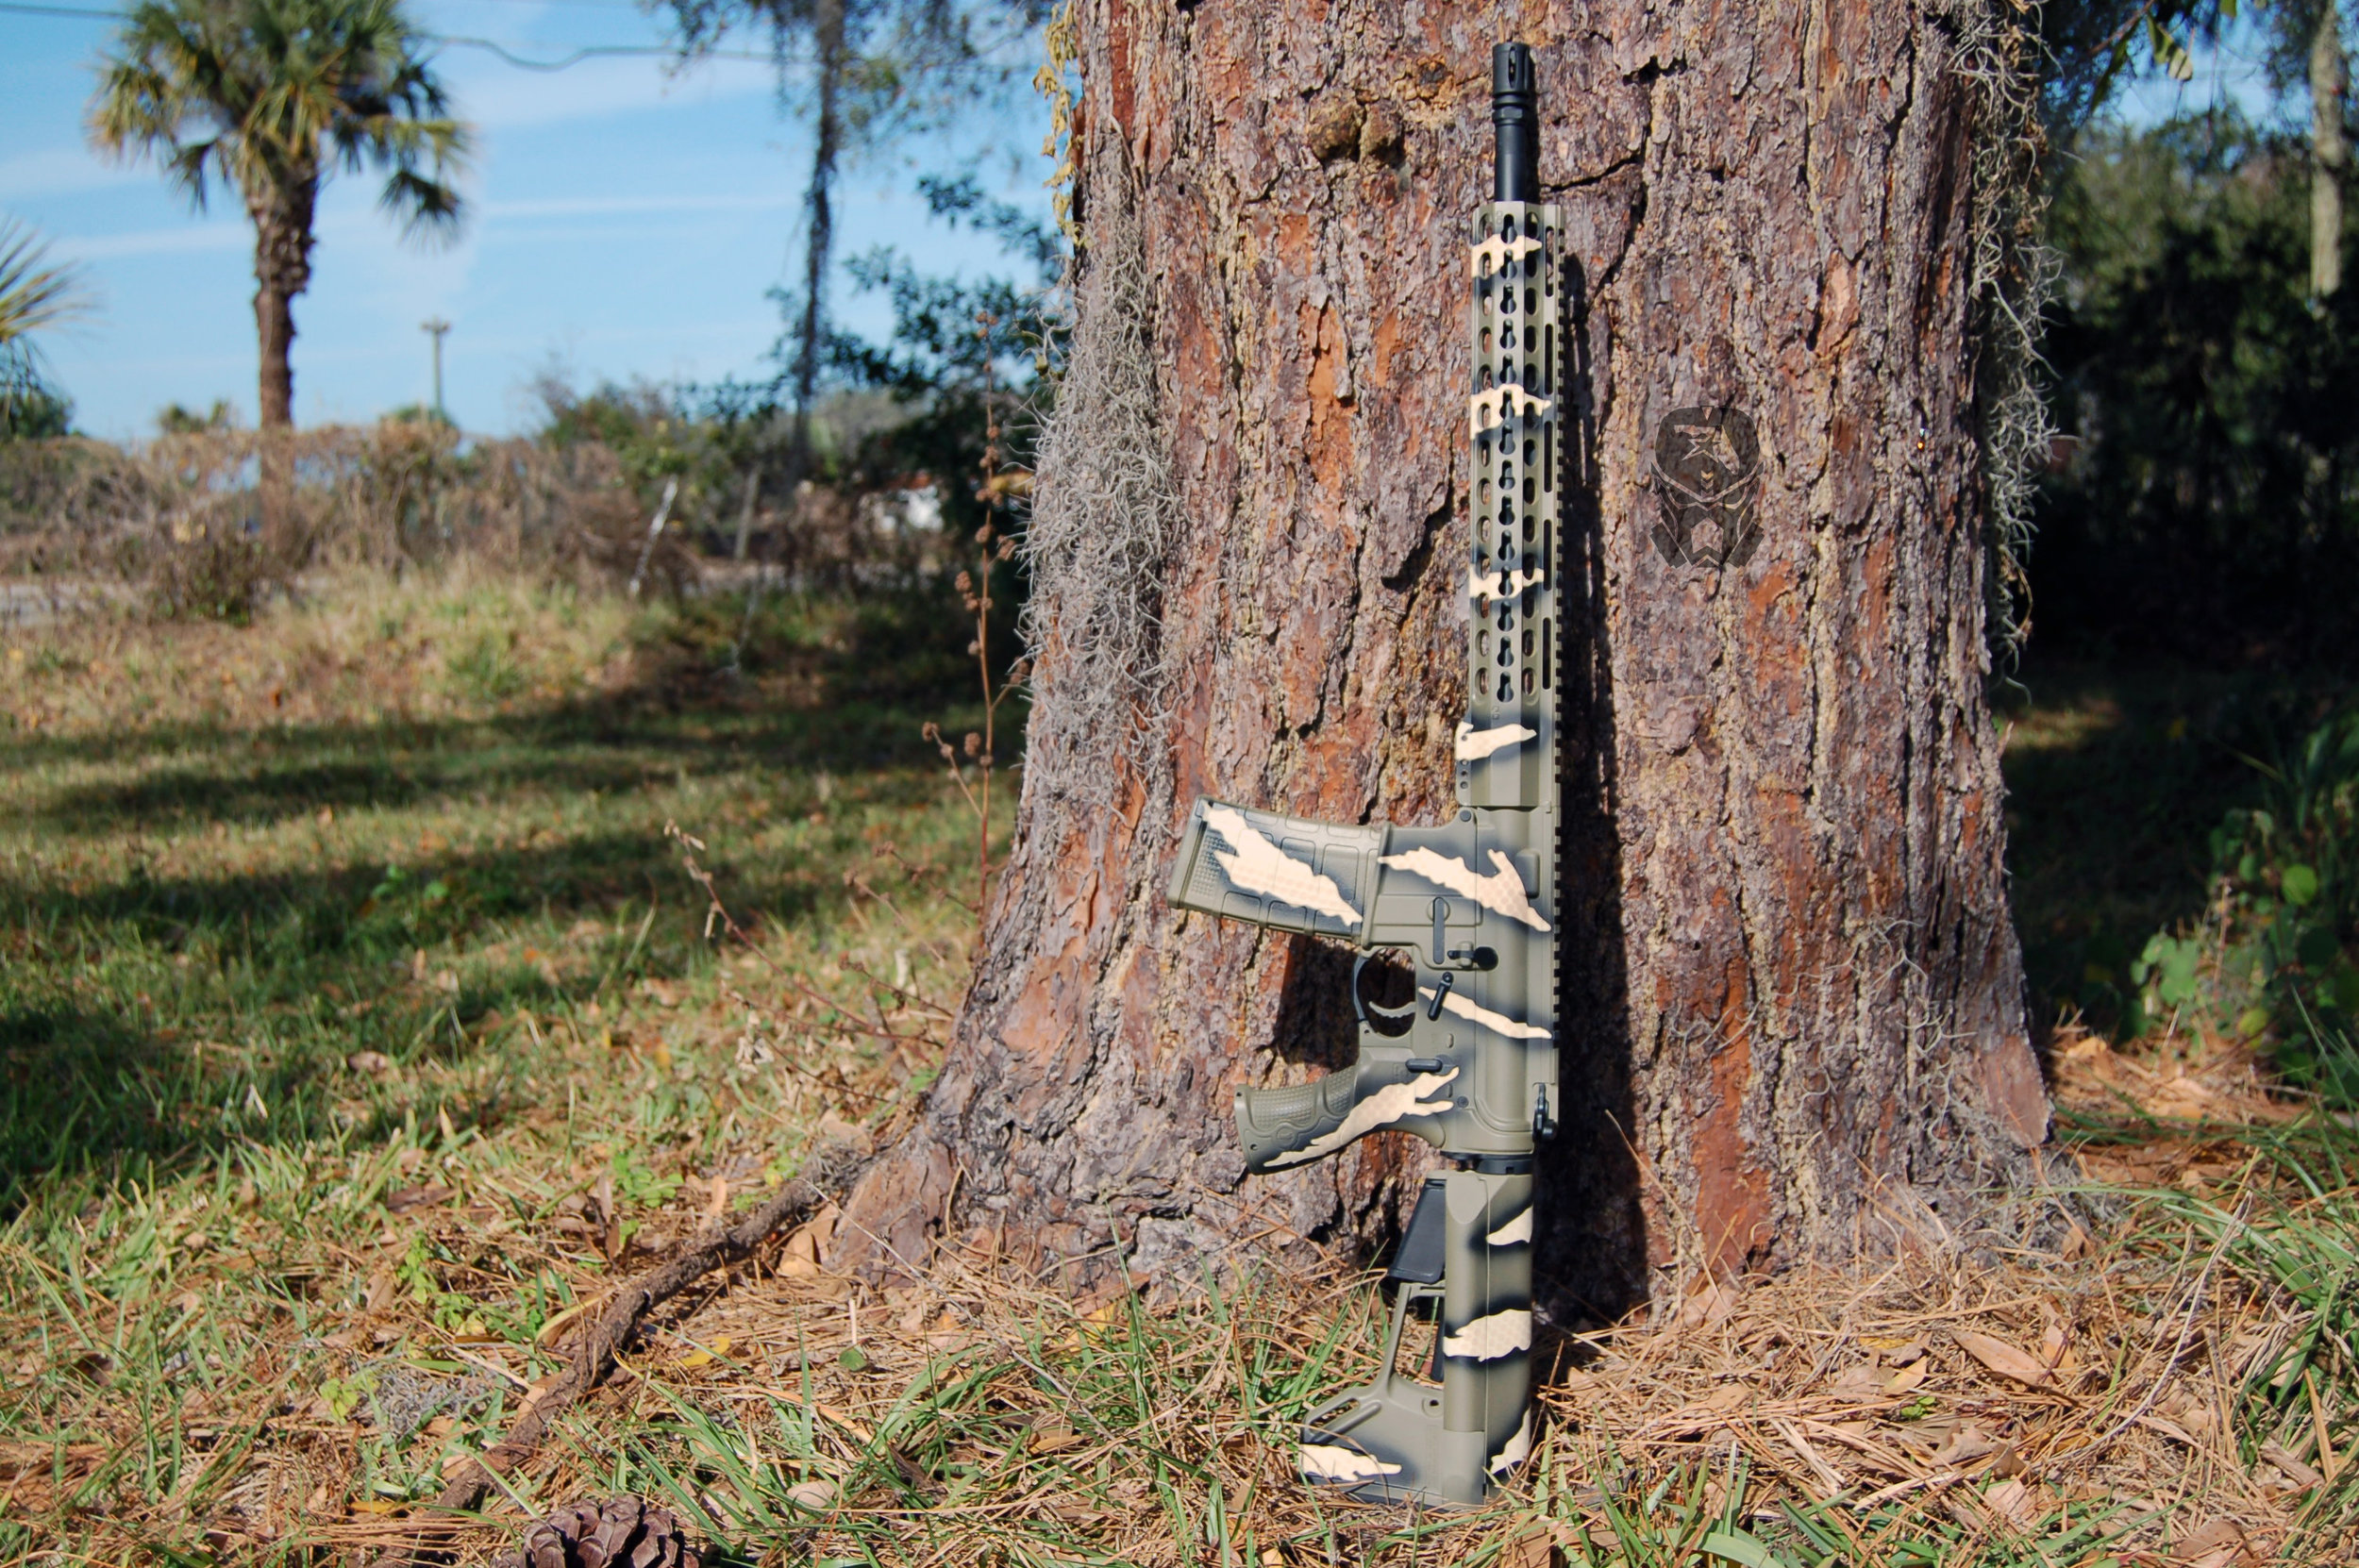 Riptile Camo AR15